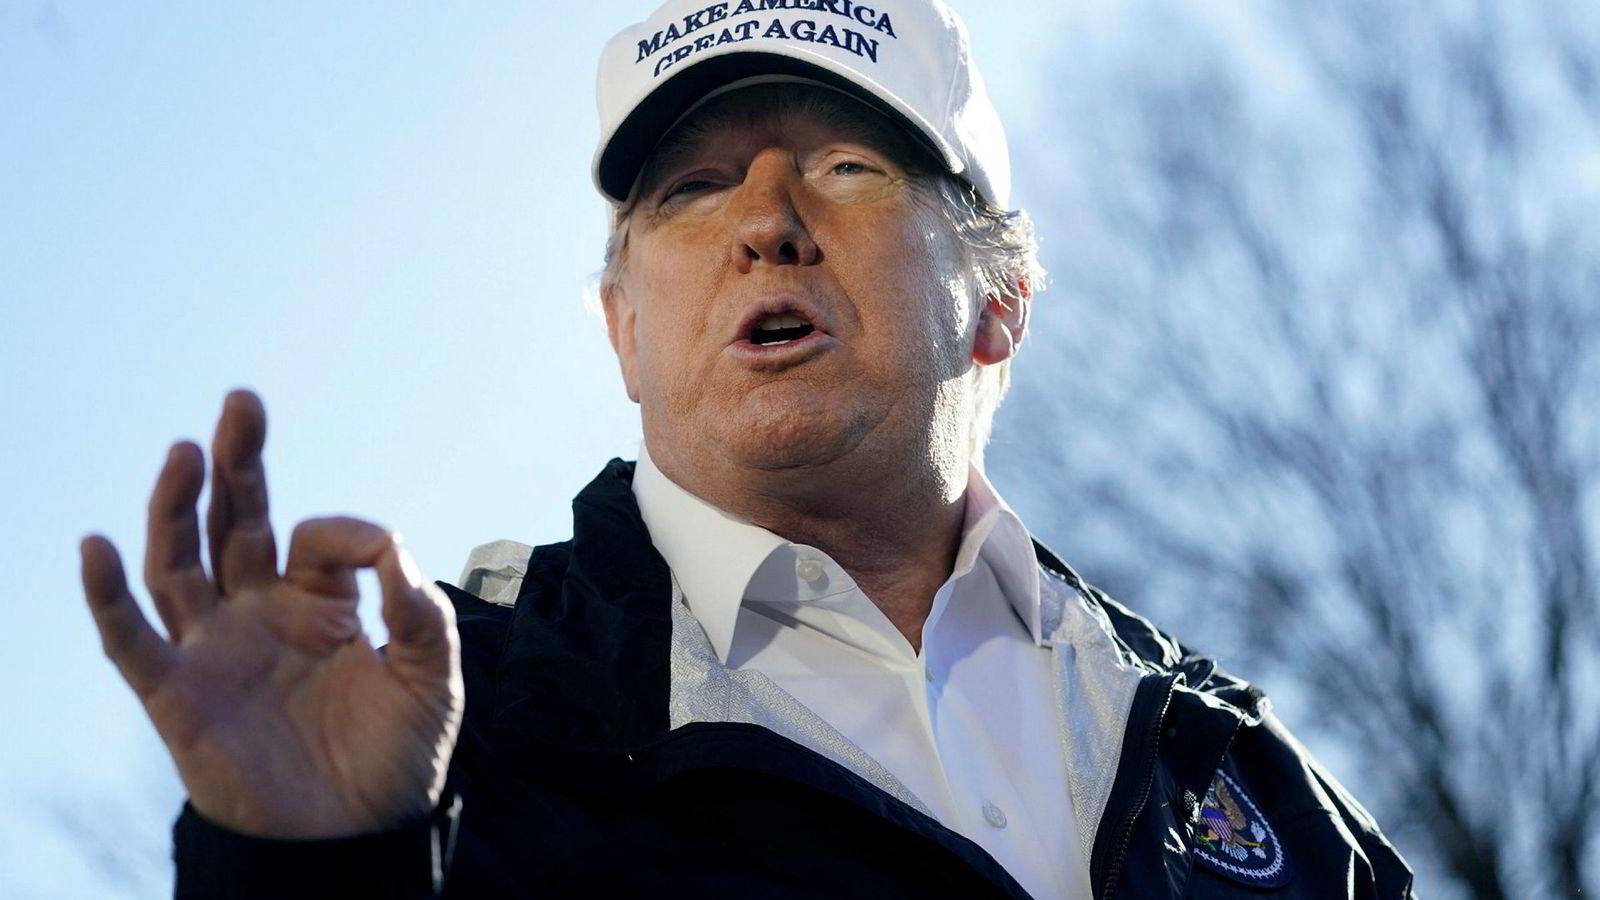 President Donald Trump ved avreise fra Washington til Texas for å skape blest om den påståtte krisen ved grensen til Mexico.